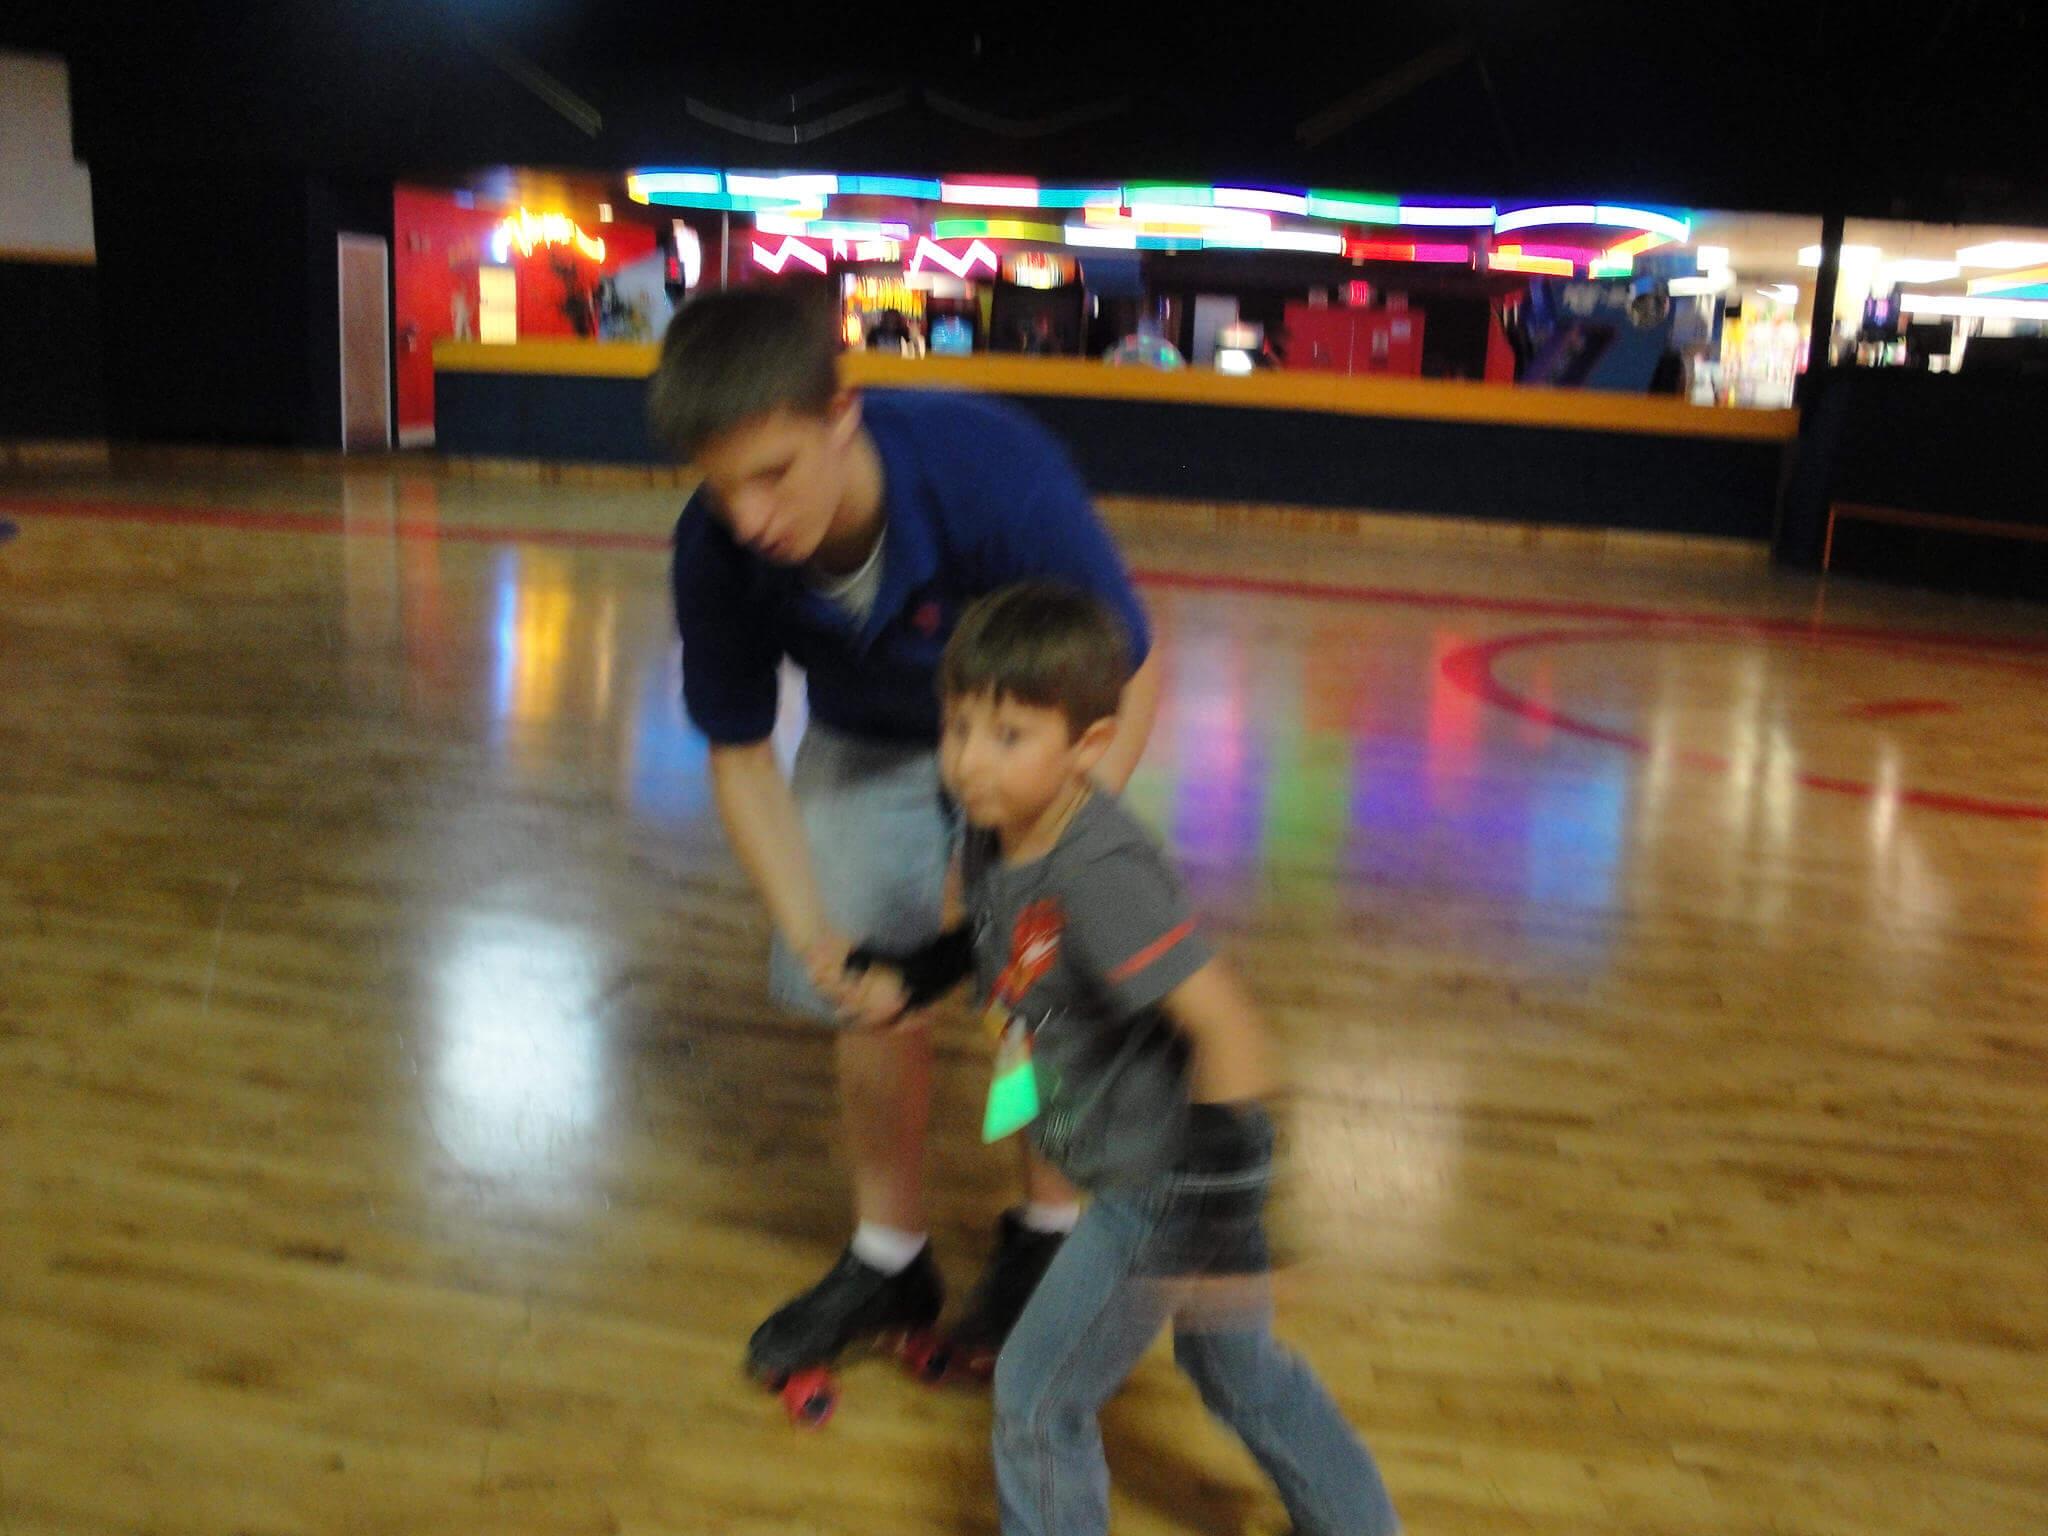 Roller skates book - Skate Lessons